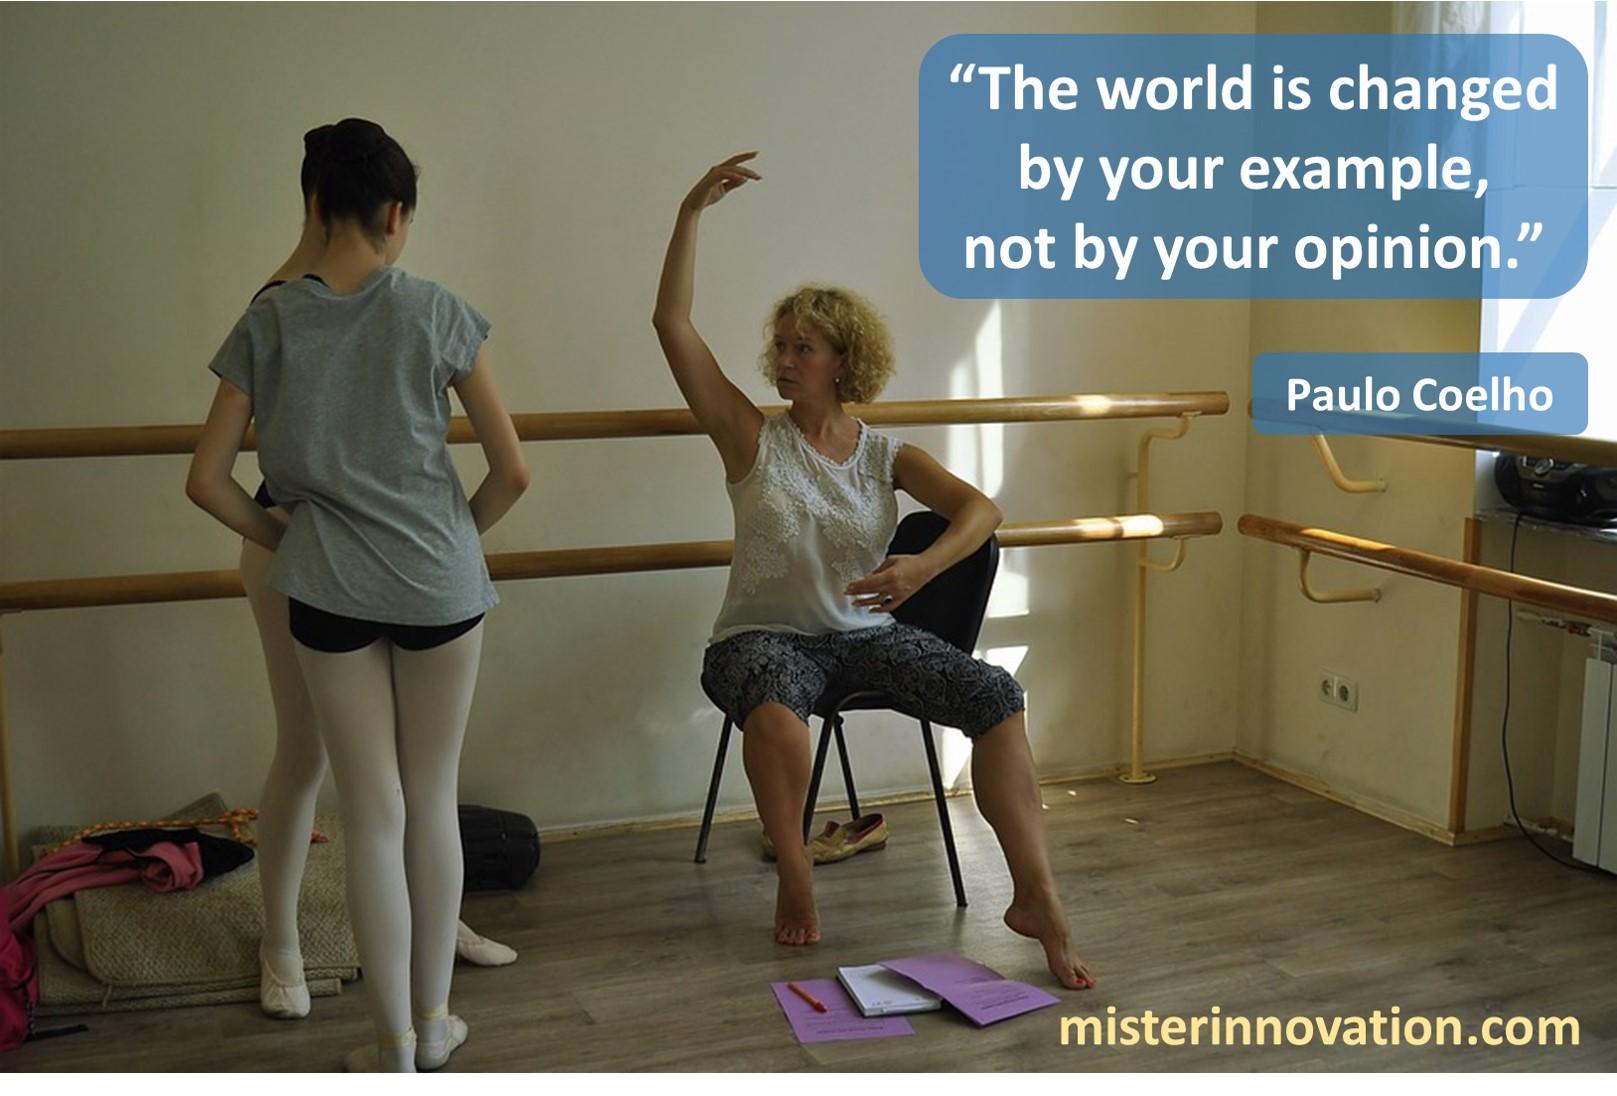 Paulo Coelho World Change